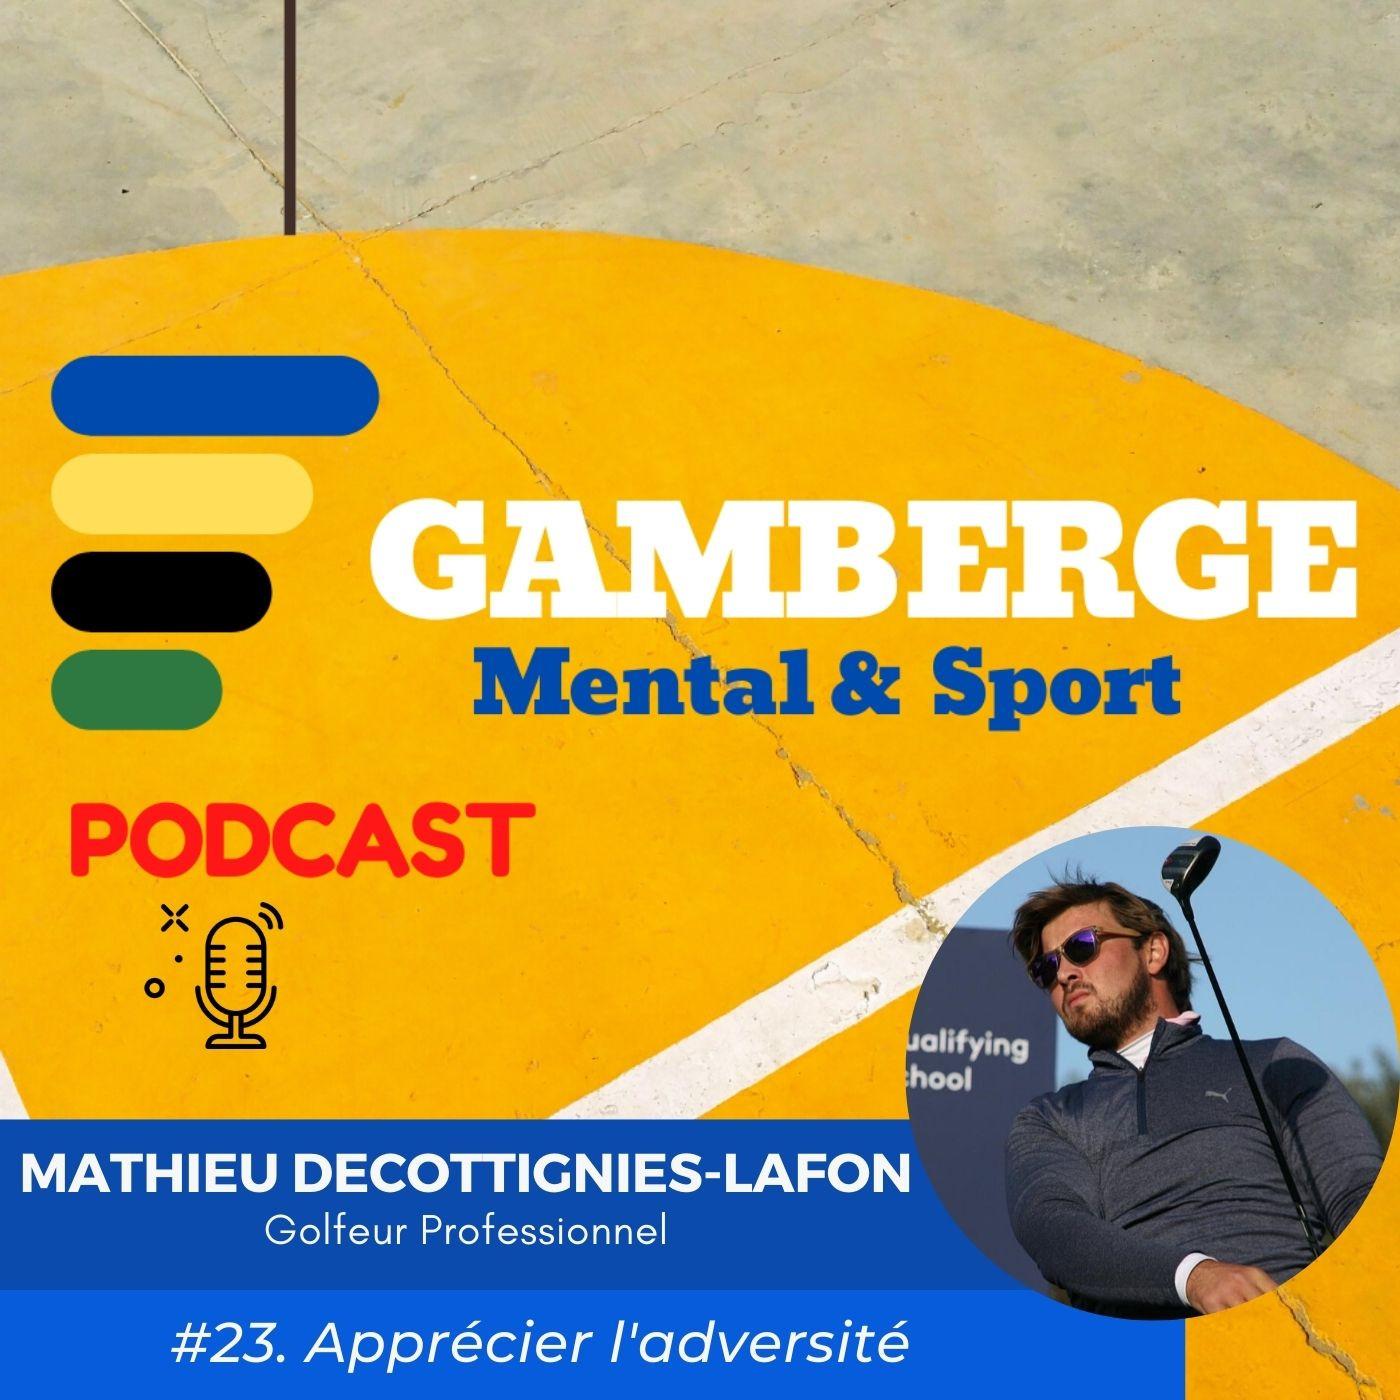 #23. Mathieu Decottignies-Lafon: Apprécier l'adversité